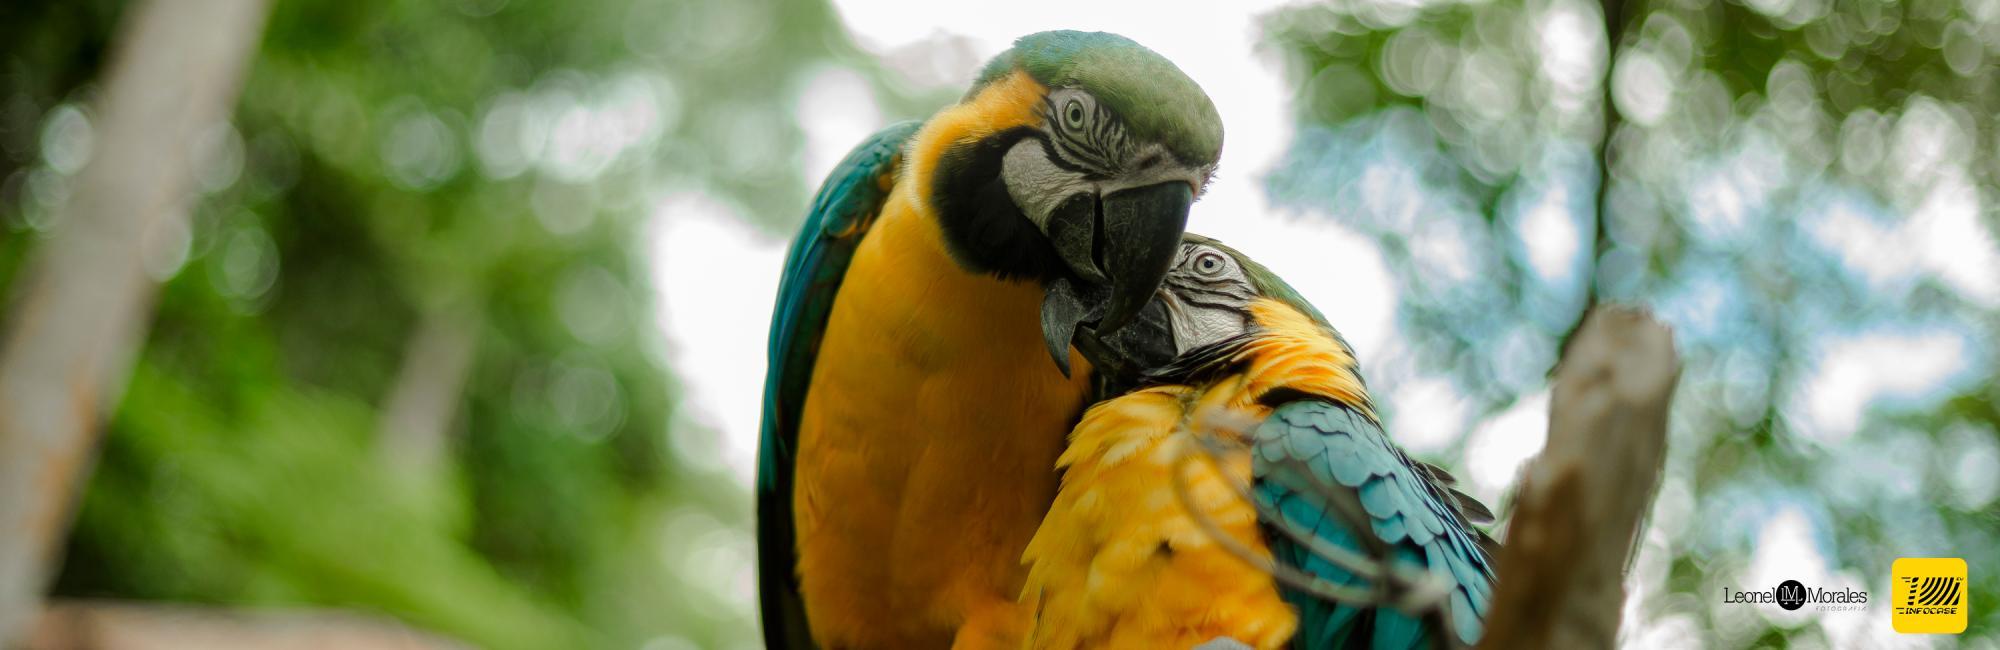 Be enchanted by Putumayo Biodiversity